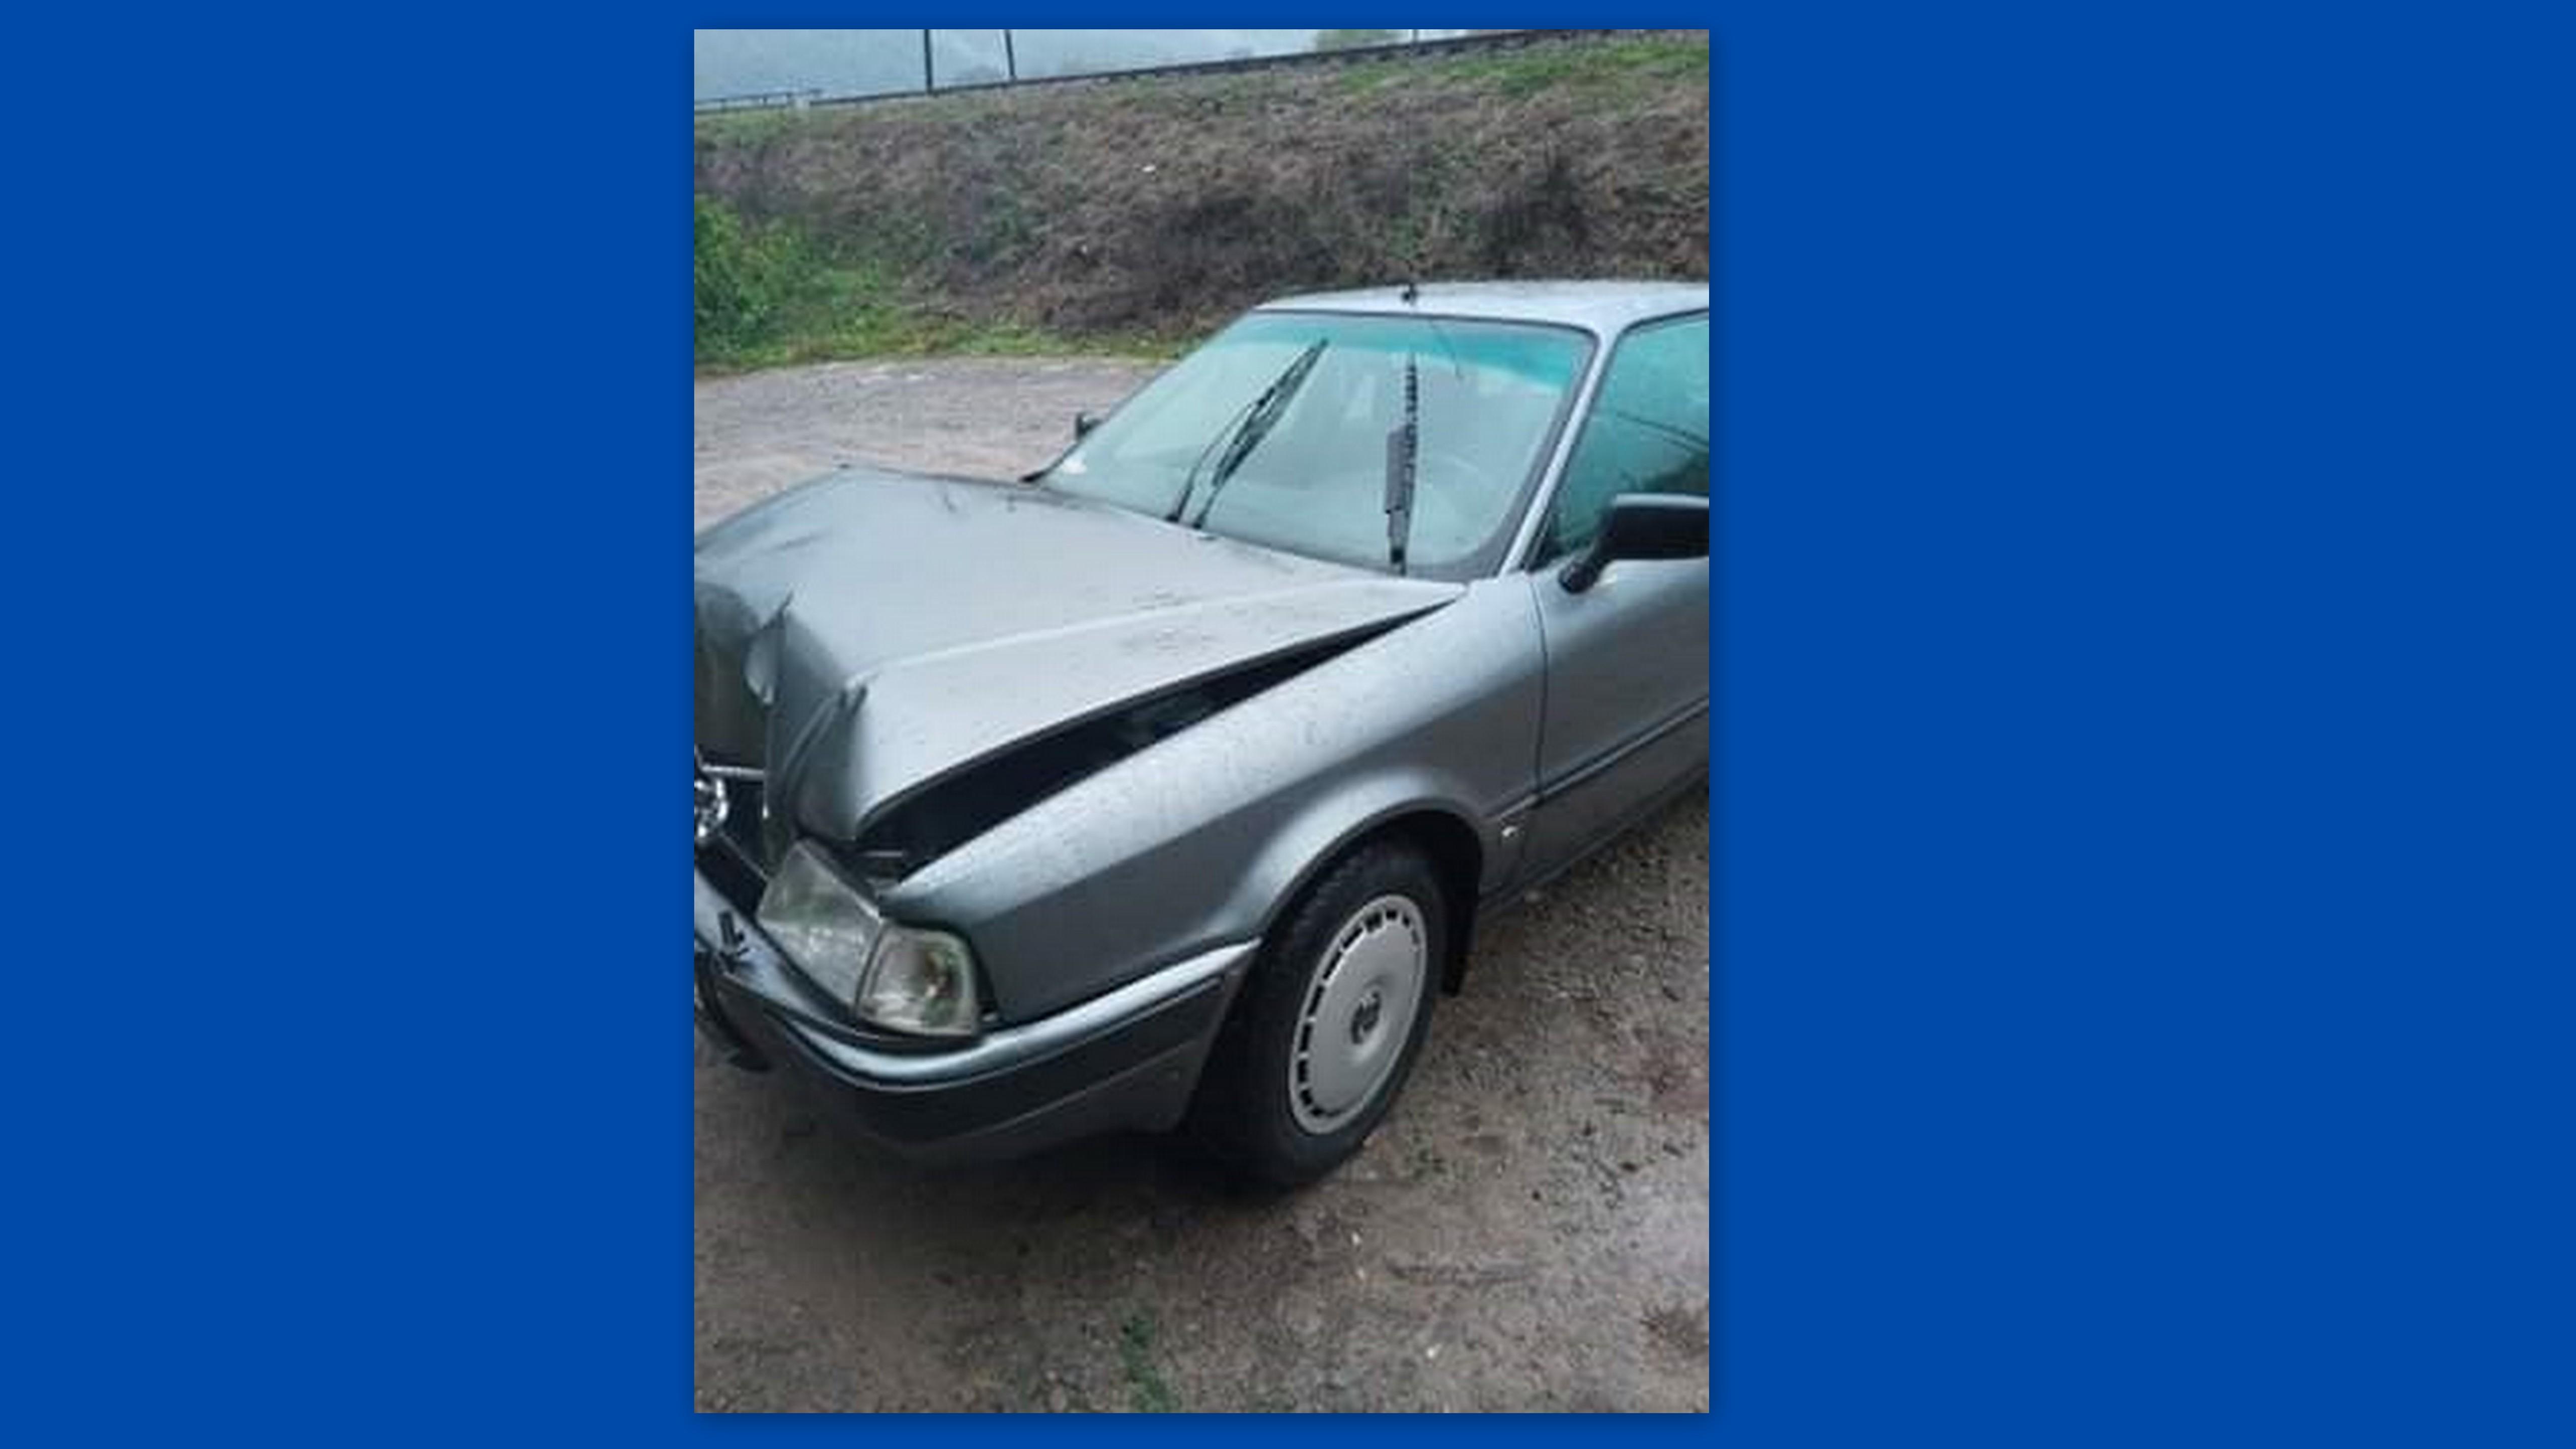 SZCZAWNE: 56-latek pomimo zakazu prowadził samochód na podwójnym gazie  - Zdjęcie główne